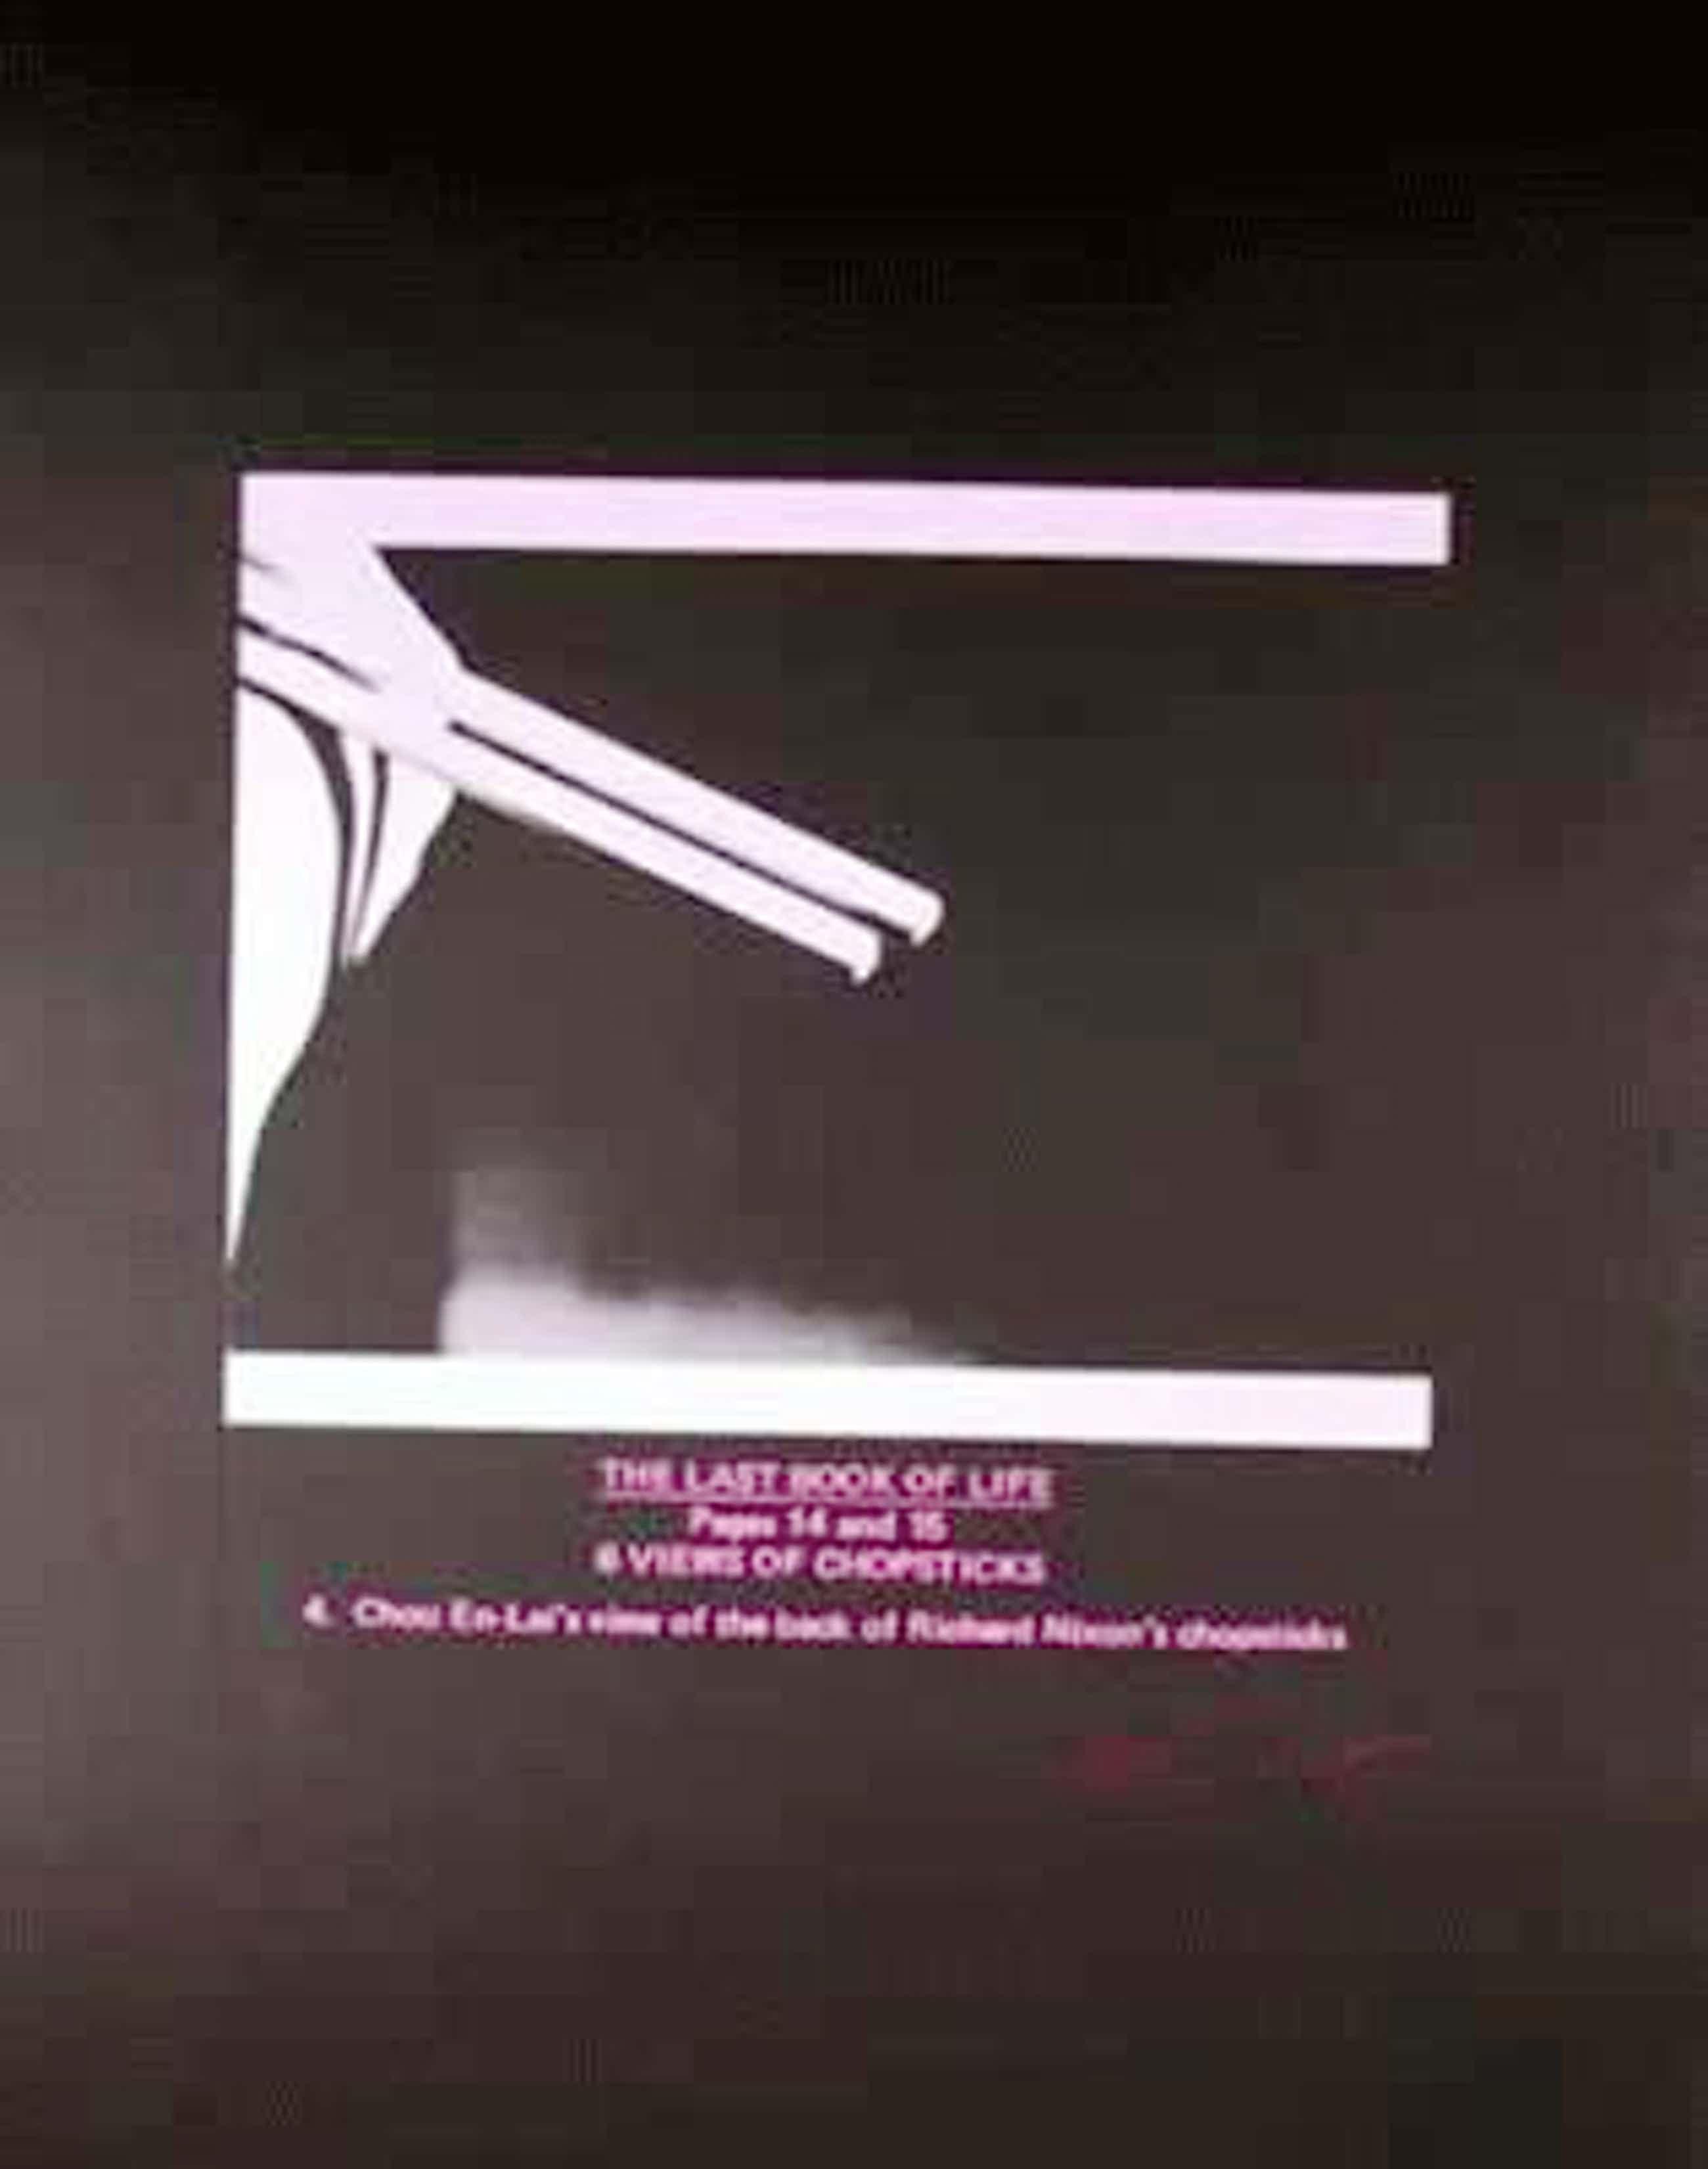 Les Levine - -THE LAST BOOK OF LIFE IV- großformatige Farbradierung und Farbserigrafie auf Bütten, handsigniert kopen? Bied vanaf 590!